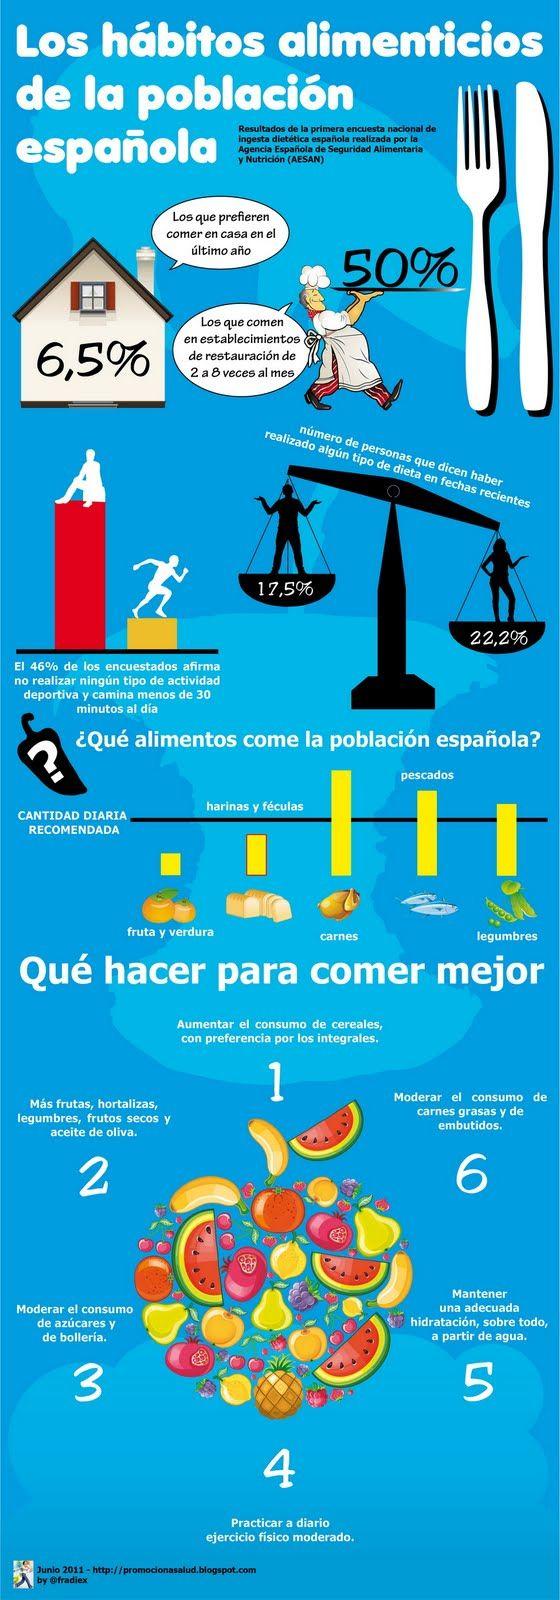 A1-B1 - Hábitos alimenticios de la población española. ¿Cuáles son los hábitos alimenticios de tu país?